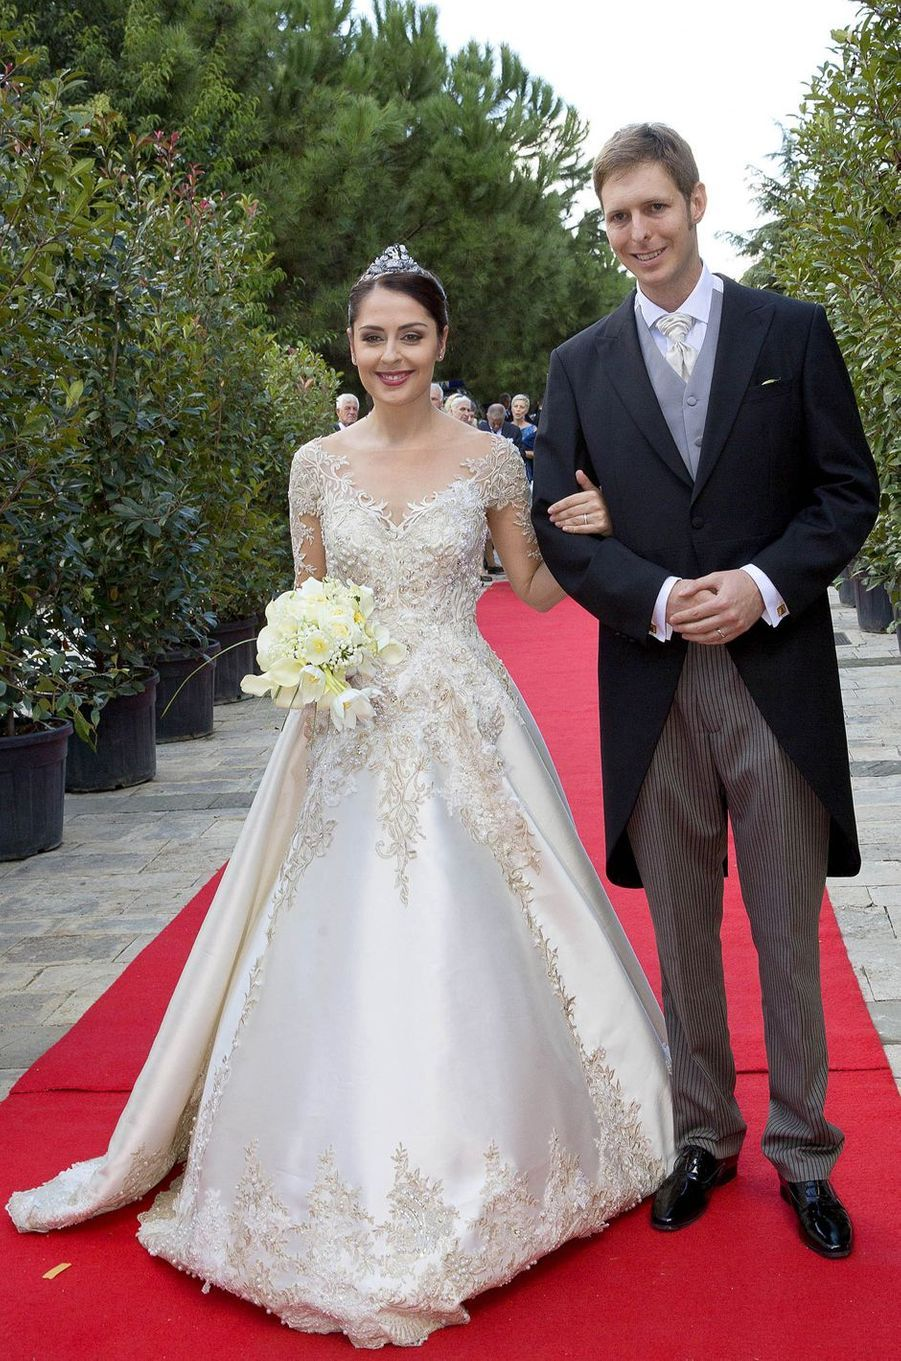 Le prince Leka II d'Albanie et Elia Zaharia, le jour de leur mariage, le 8 octobre 2017 à Tirana